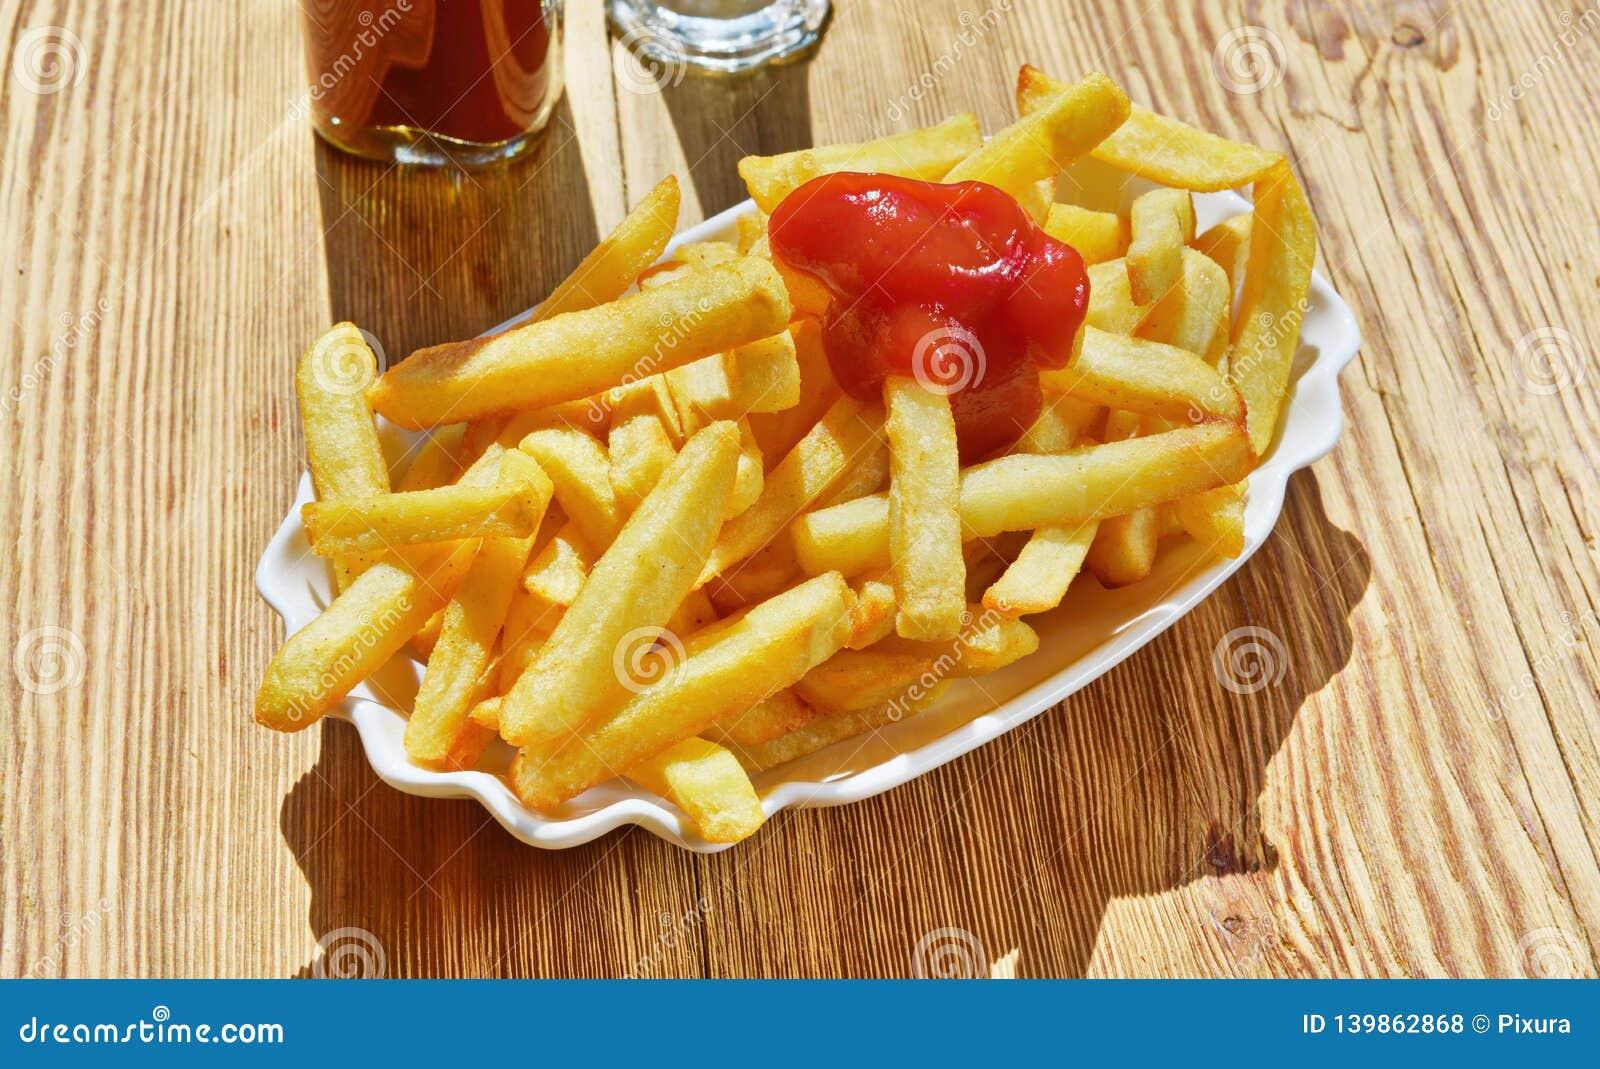 Fransmannen steker ketchup